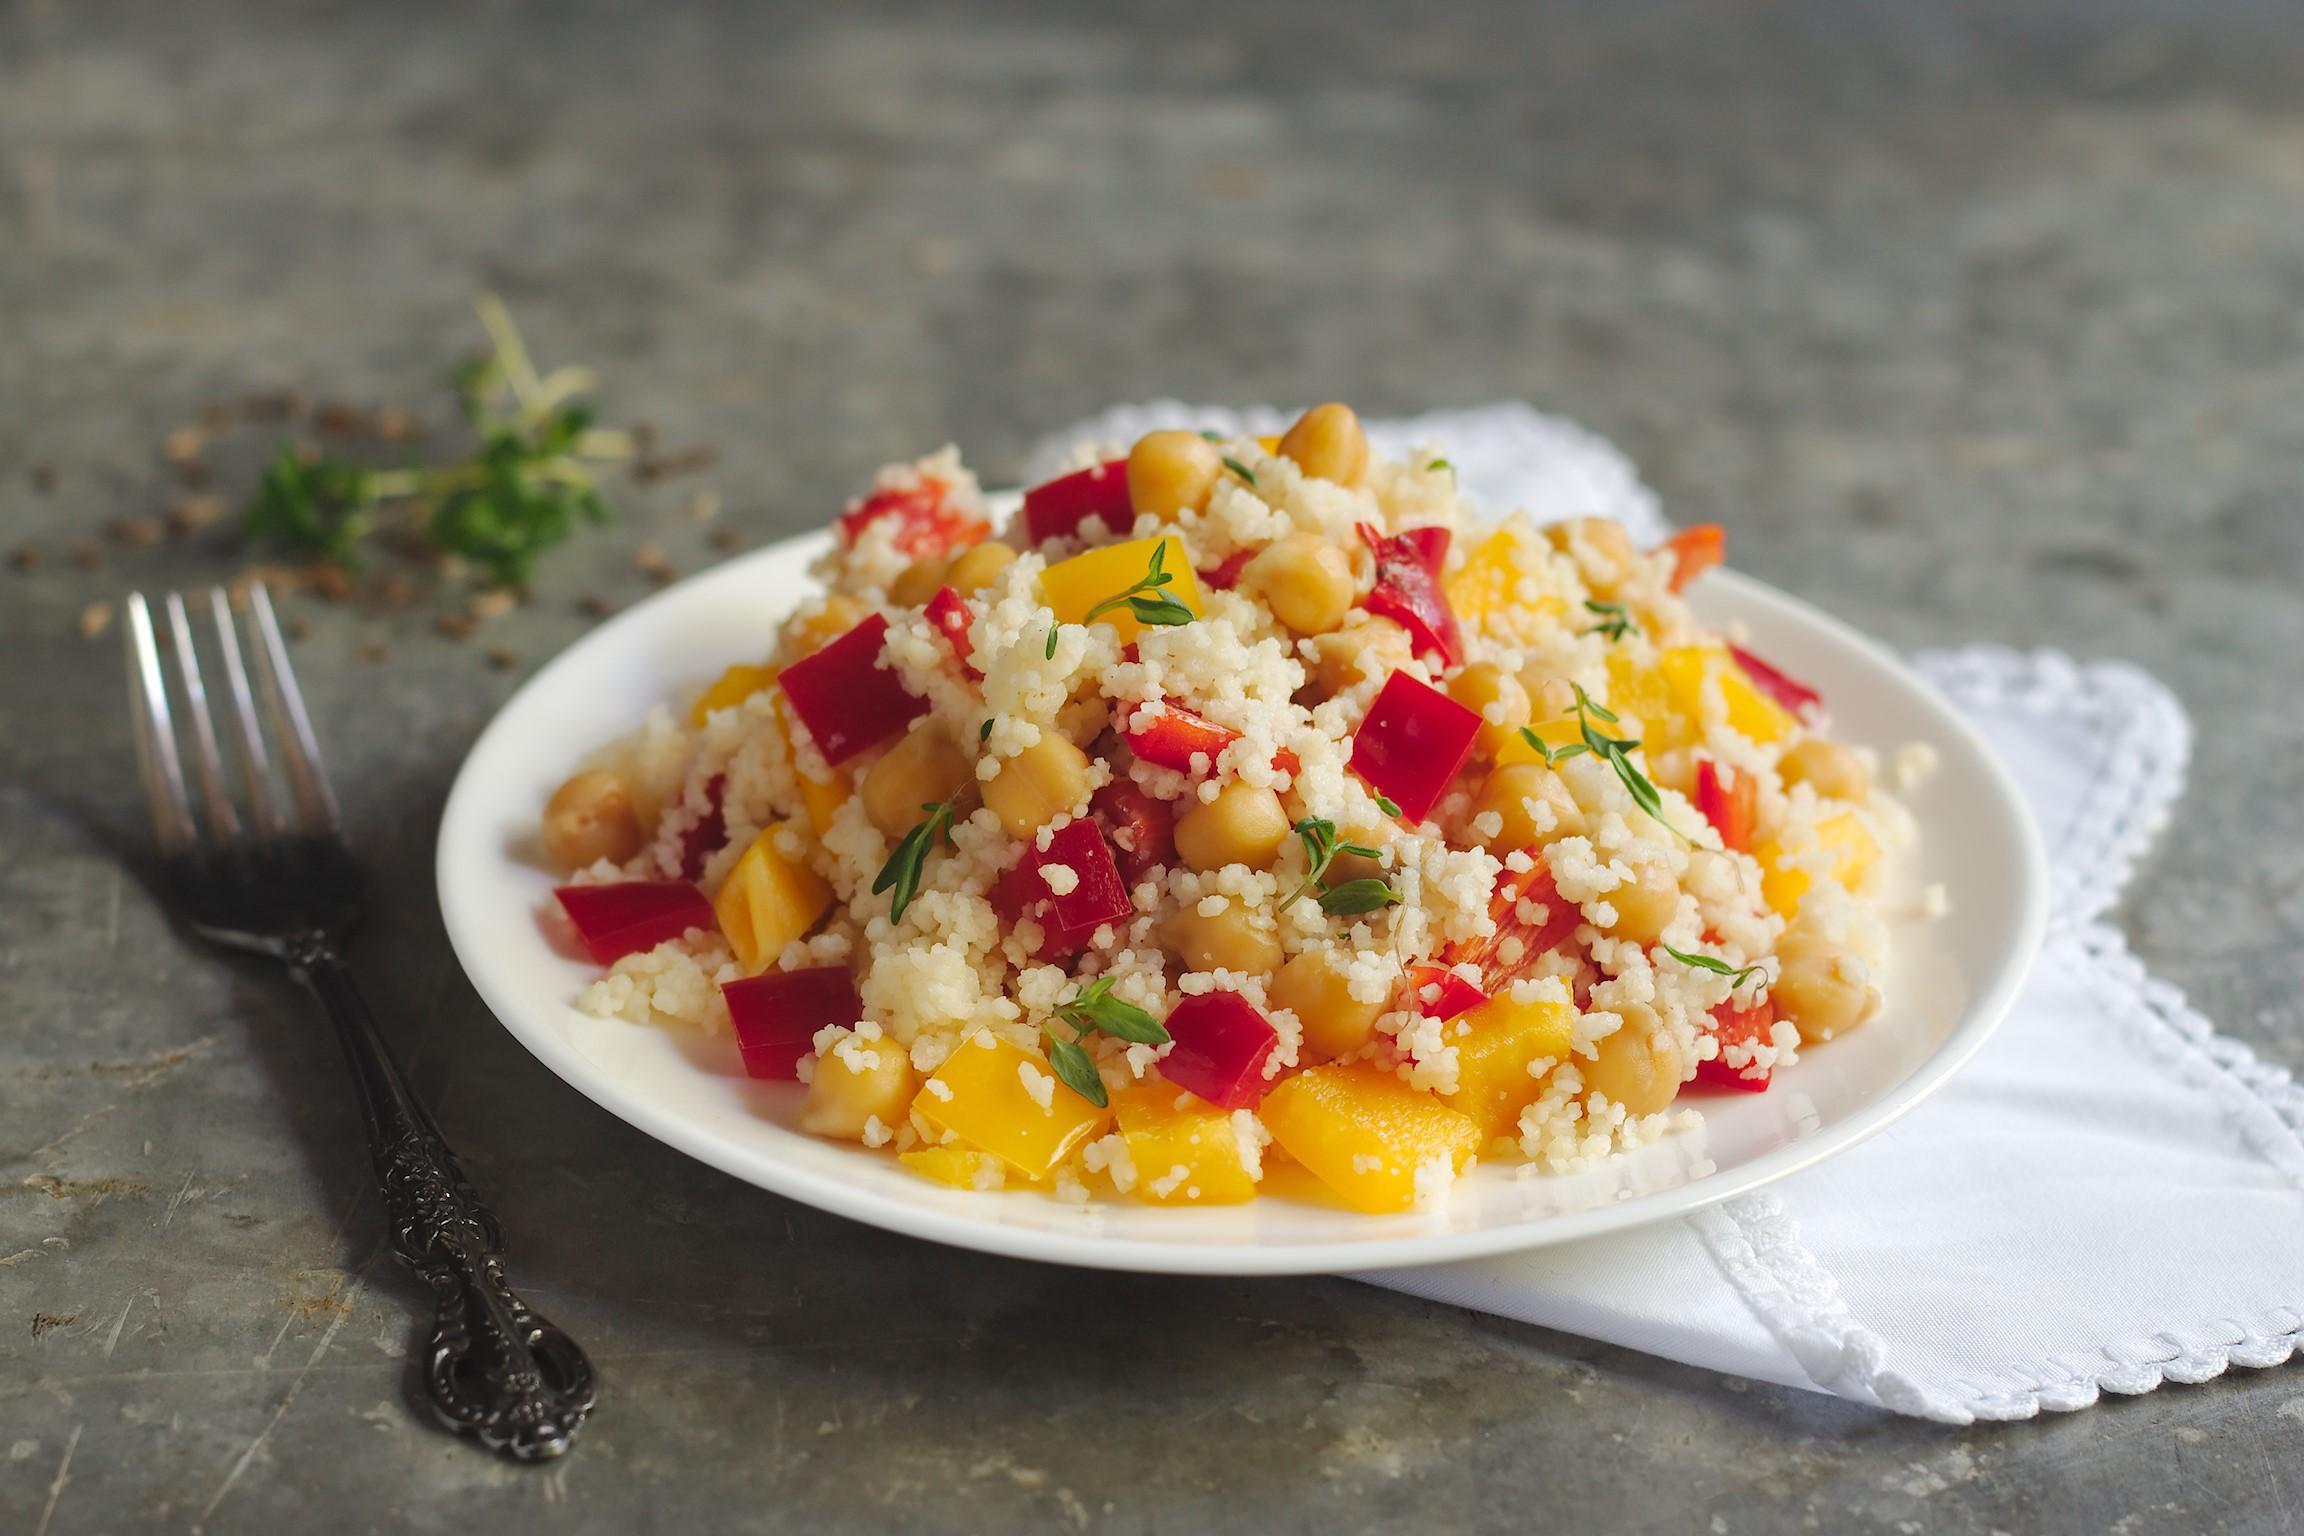 Prato branco com cuscuz com grão de bico e vegetais sobre guardanapo de tecido ao lado de um garfo